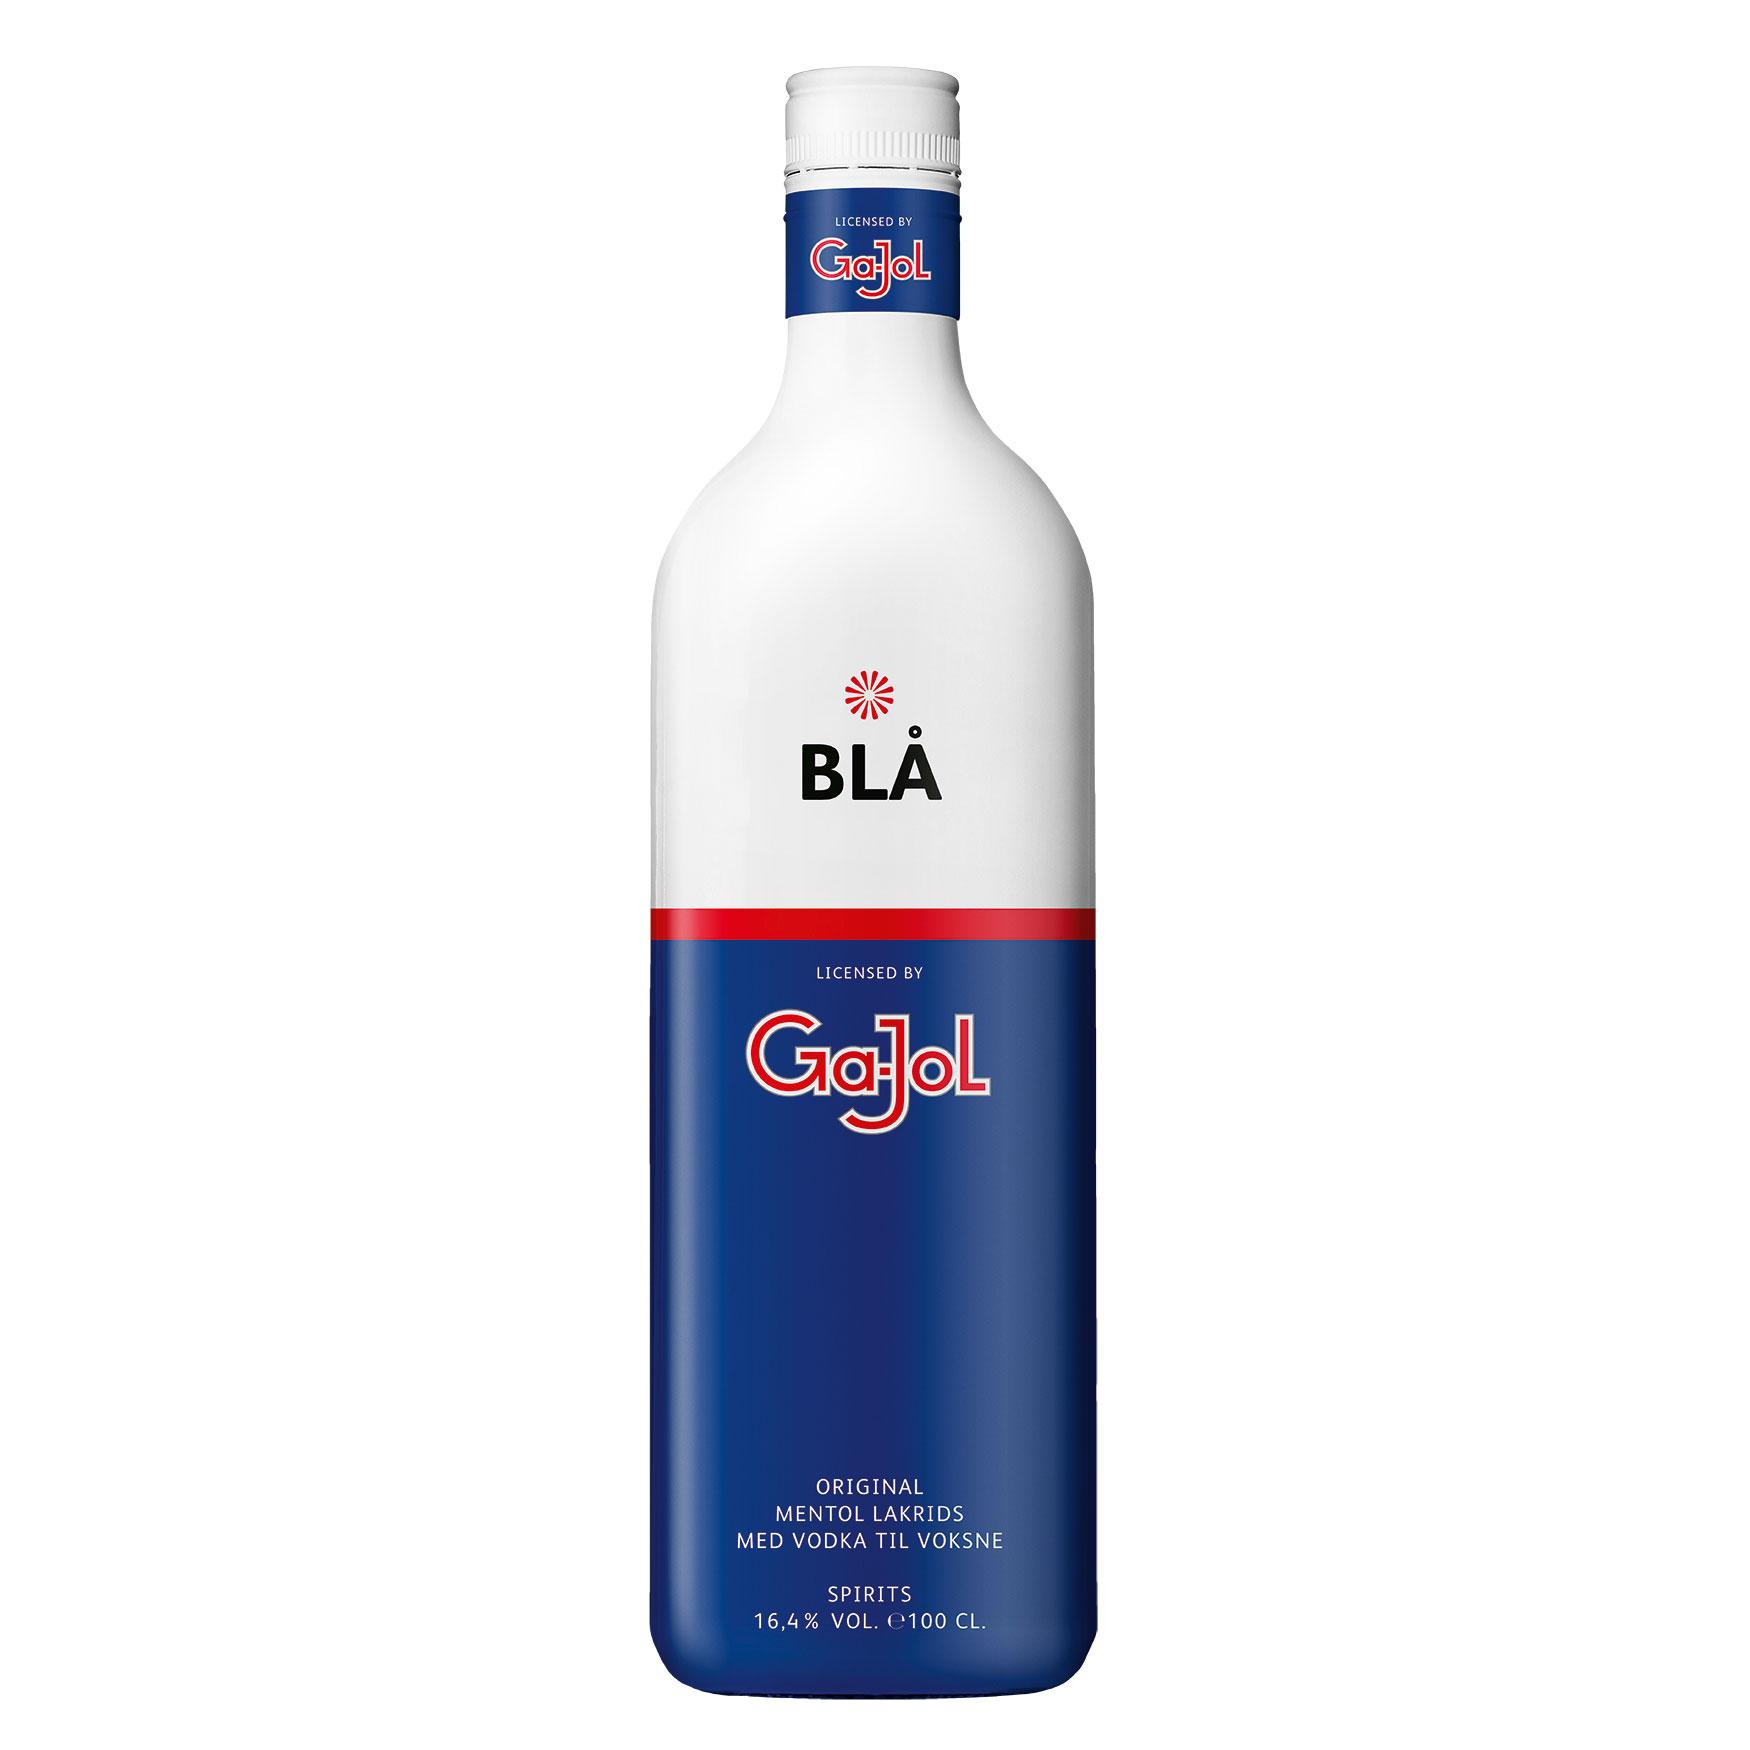 Afholte GaJol Blå 16,4% 1 l. - Billige Gajol shots - Køb her GU-29